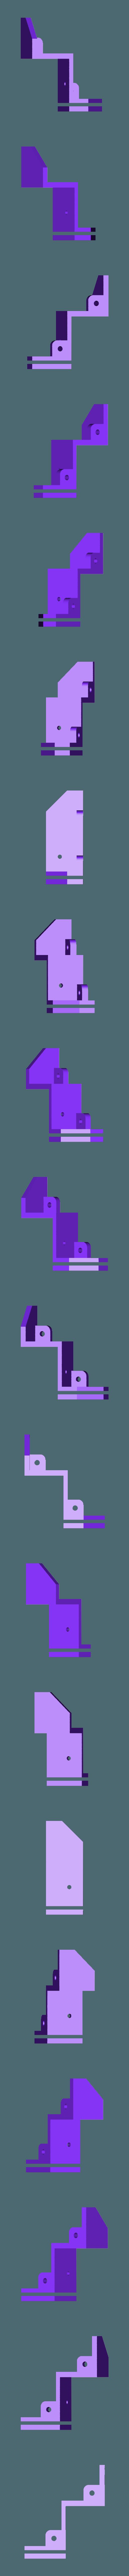 TopPiecesBack-left.stl Télécharger fichier STL gratuit Risques d'absence de table pour l'enceinte • Objet pour imprimante 3D, Hobb3s